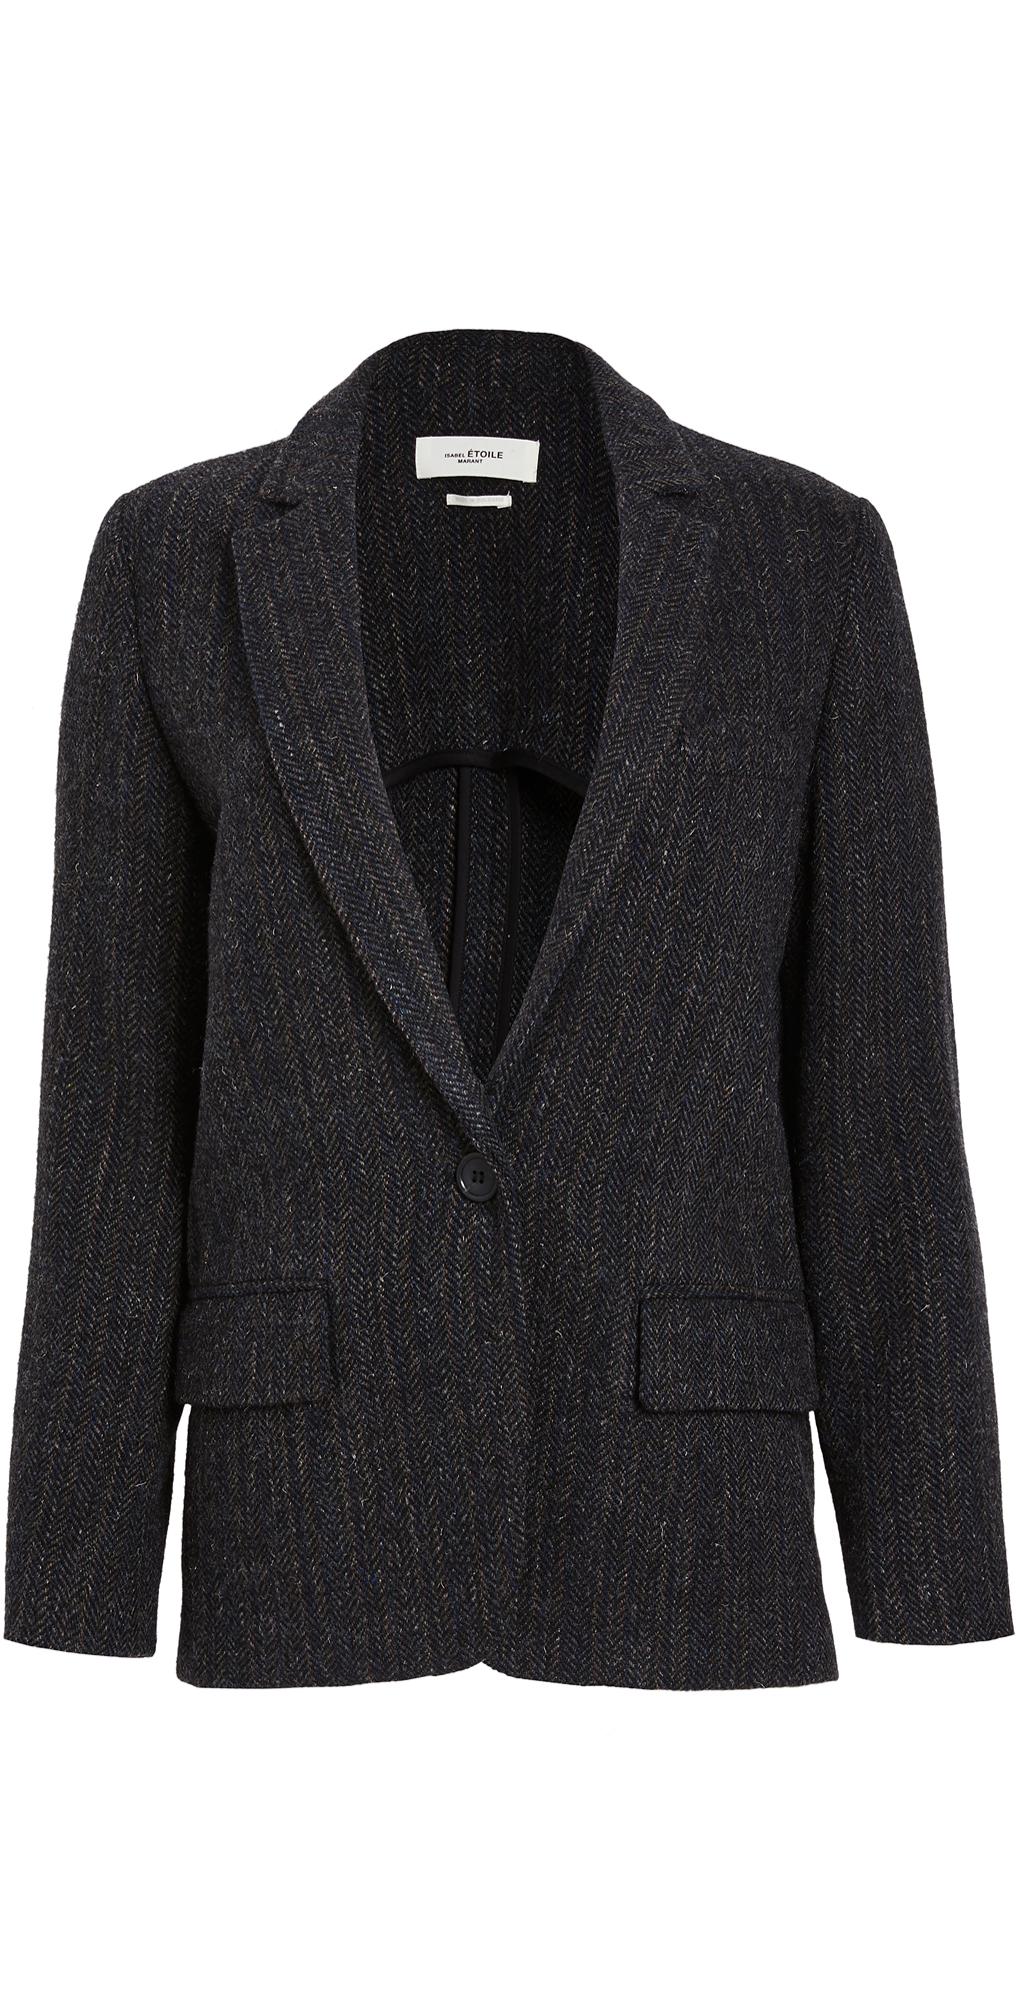 Isabel Marant Etoile Charly Jacket